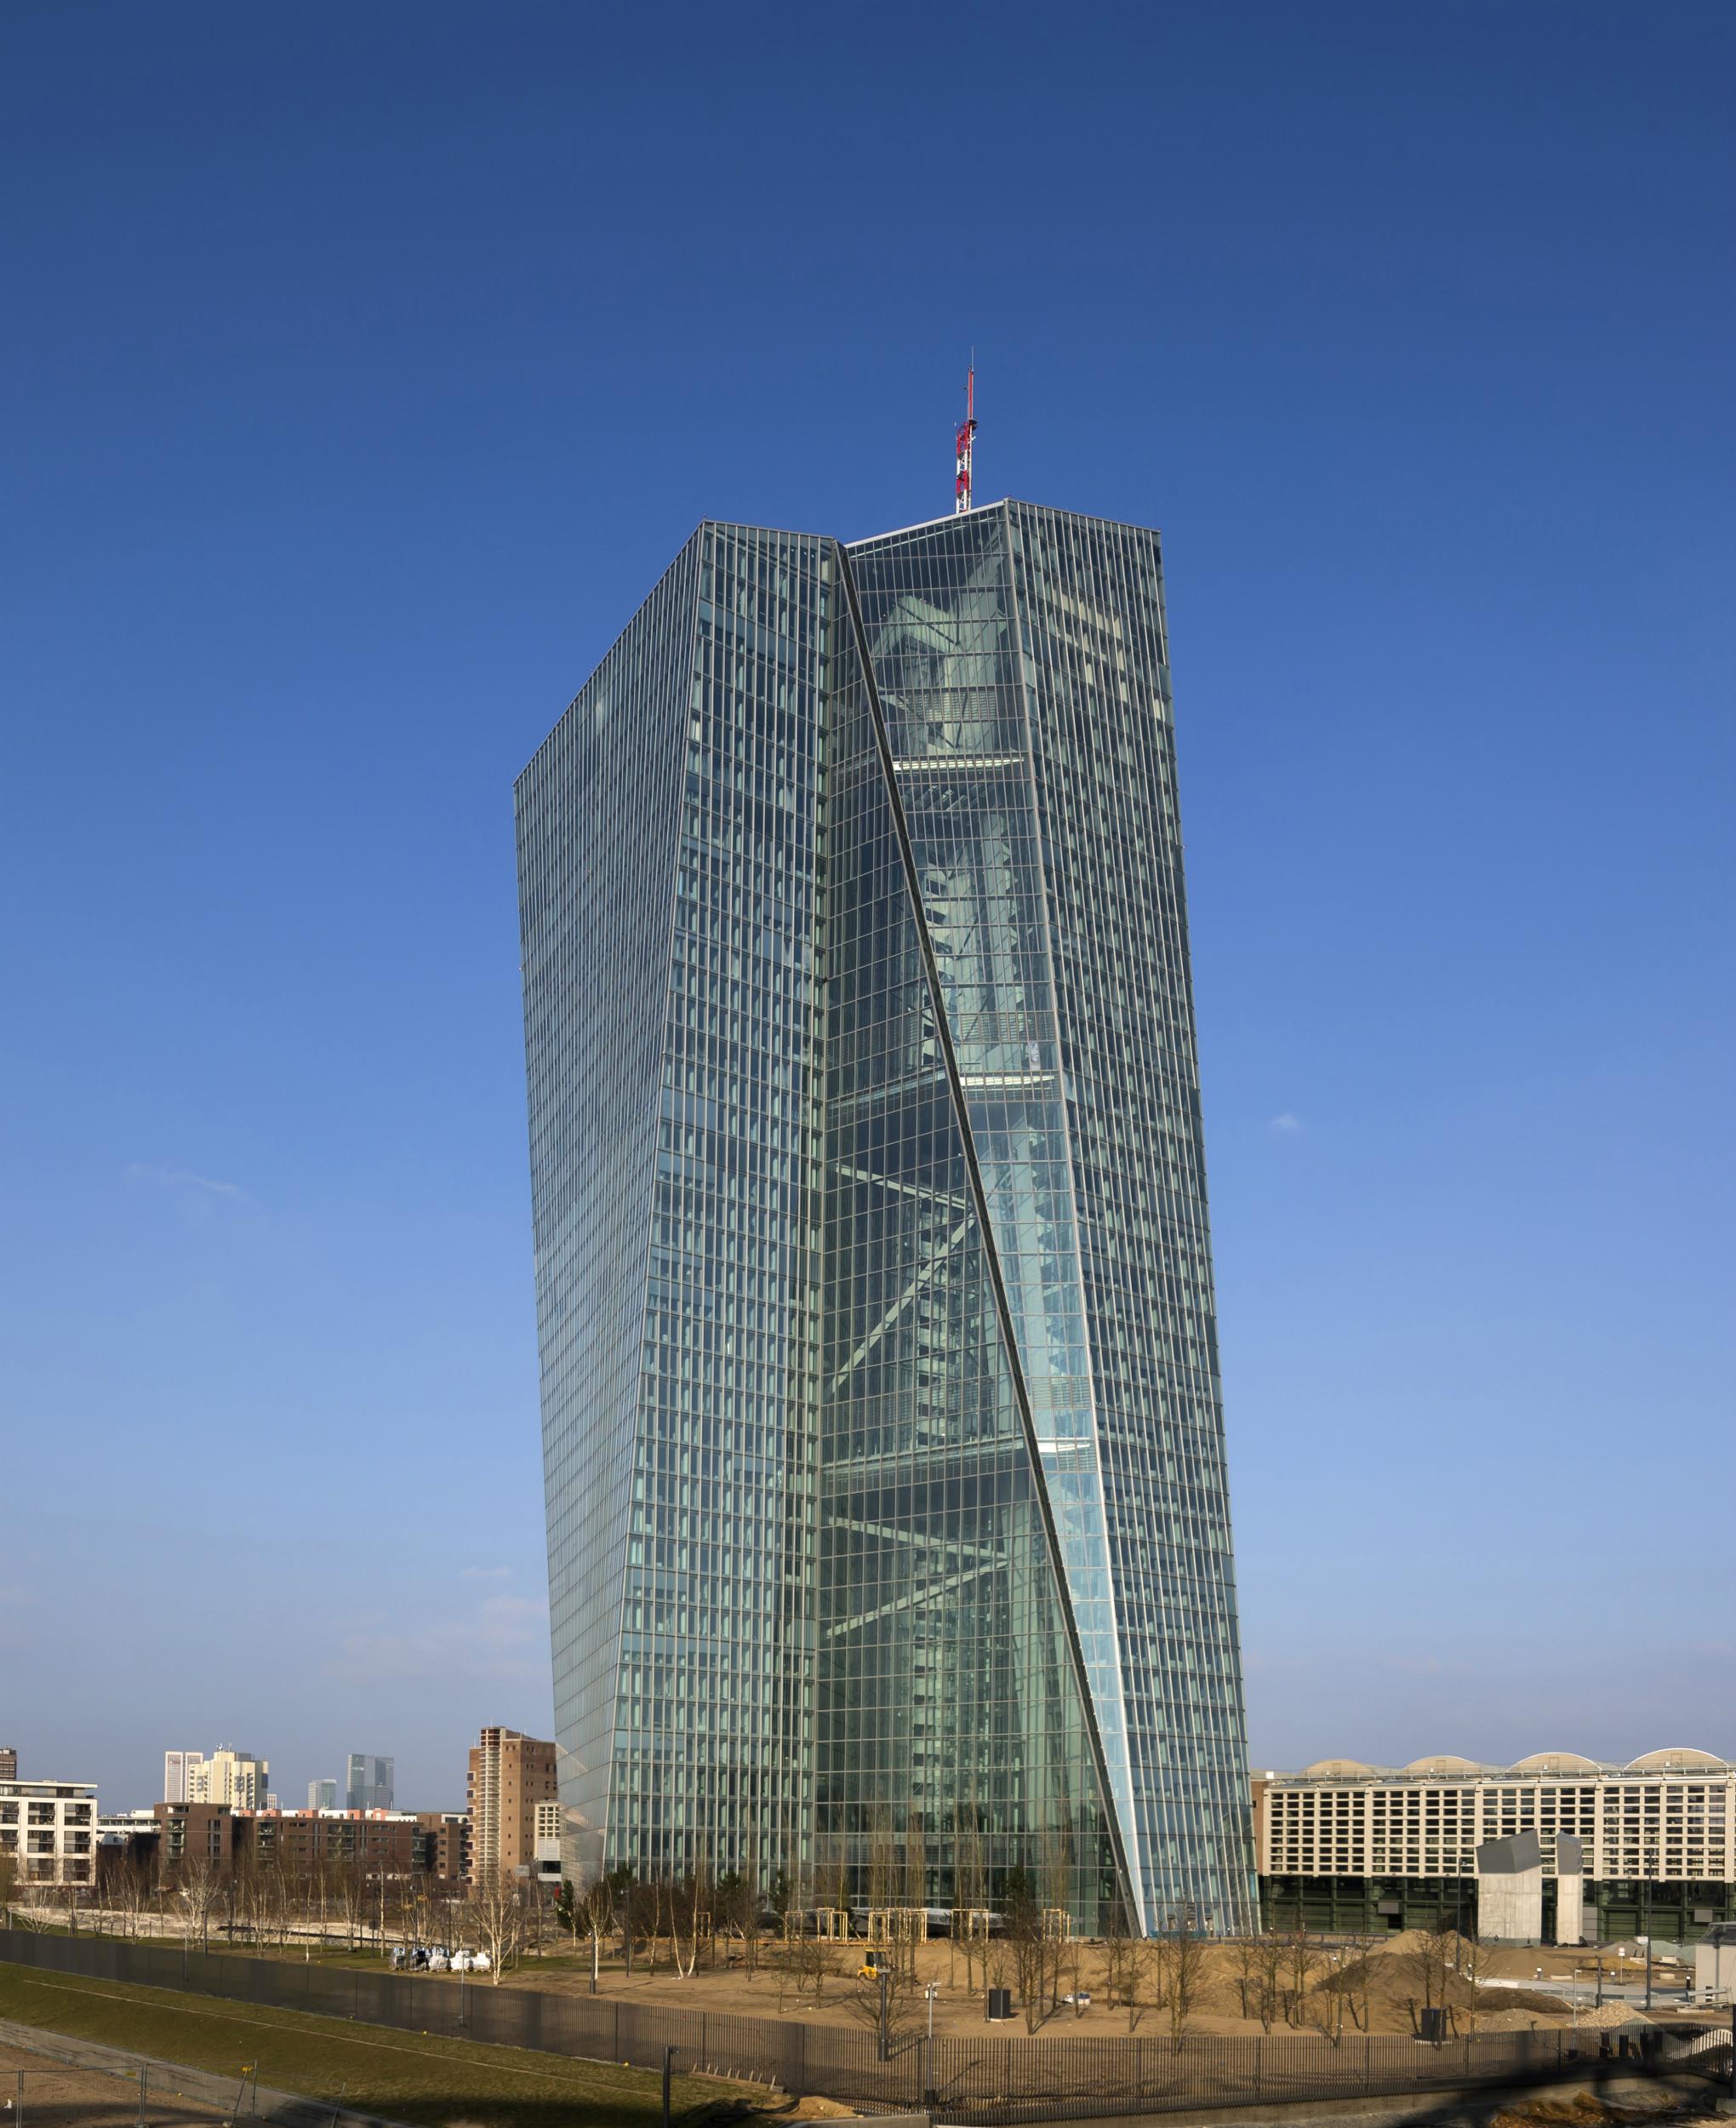 Imagen de la estrucuta del European Central Bank, en Fráncfort, Alemania. Foto: Paul Raftery. Foto cedida por The Council on Tall Buildings and Urban Habitat (CTBUH).